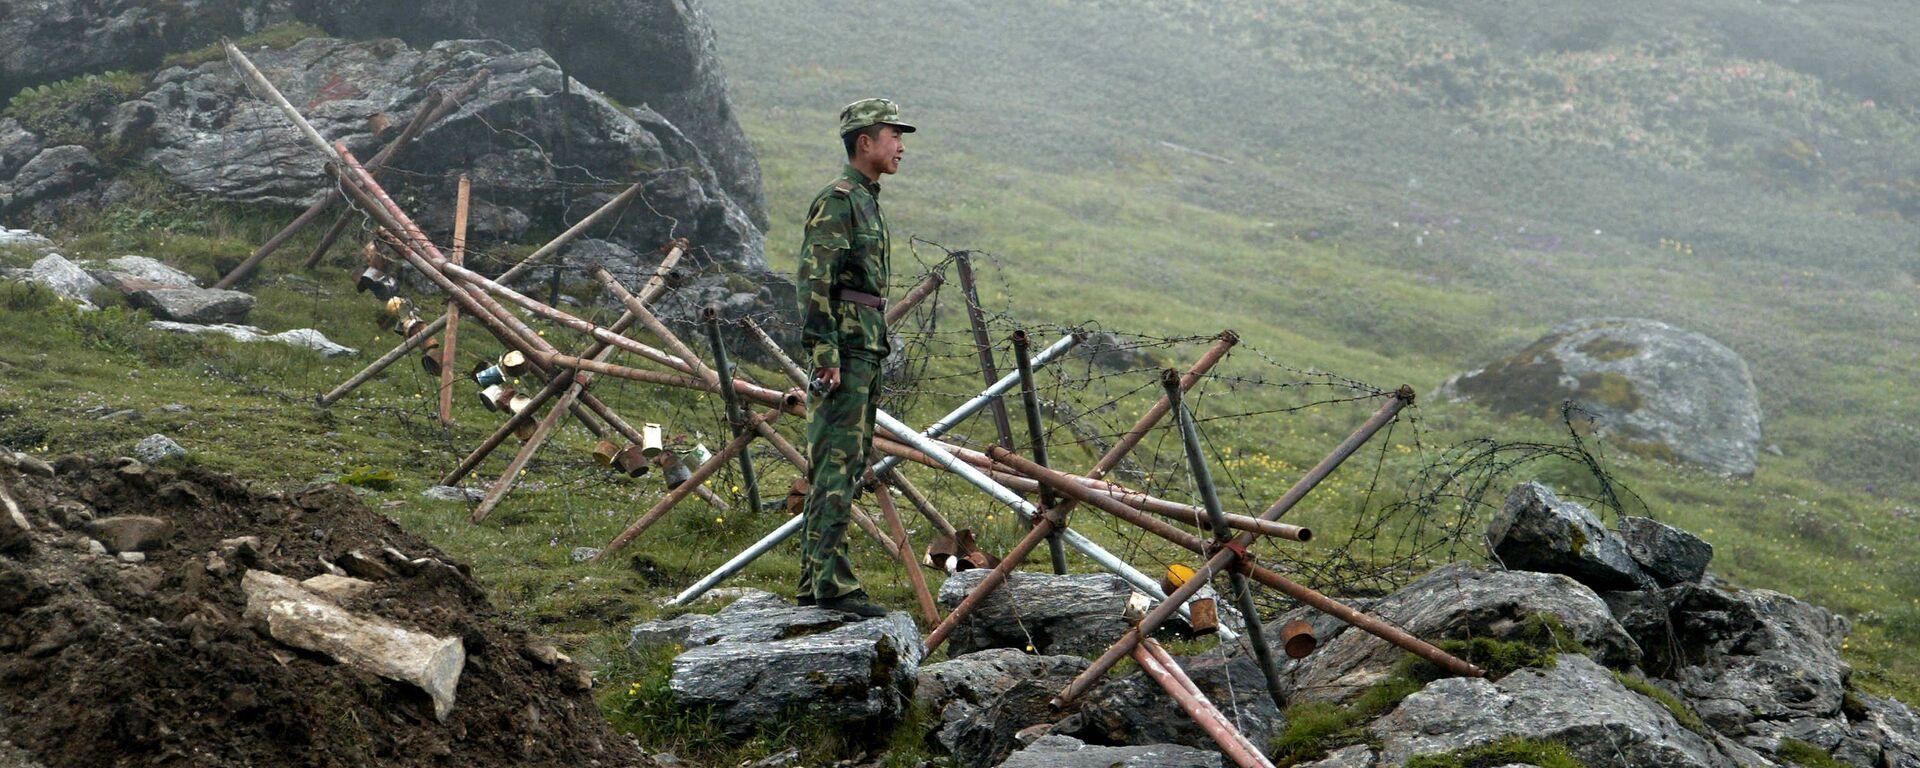 Lính biên phòng Trung Quốc bên hàng rào thép gai - Sputnik Việt Nam, 1920, 20.07.2021